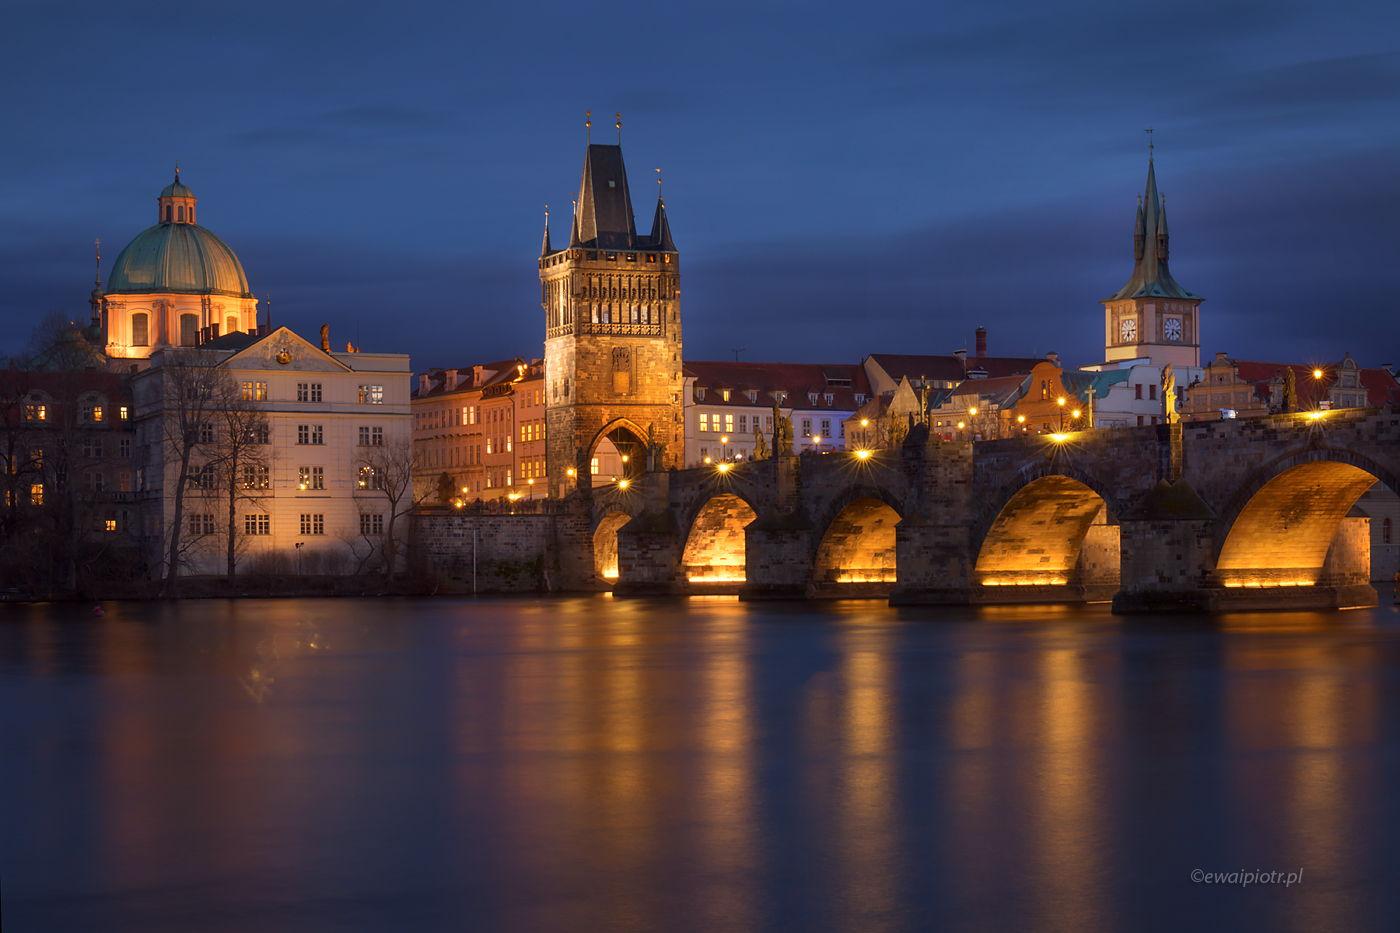 Praga wieczorową porą, Most Karola